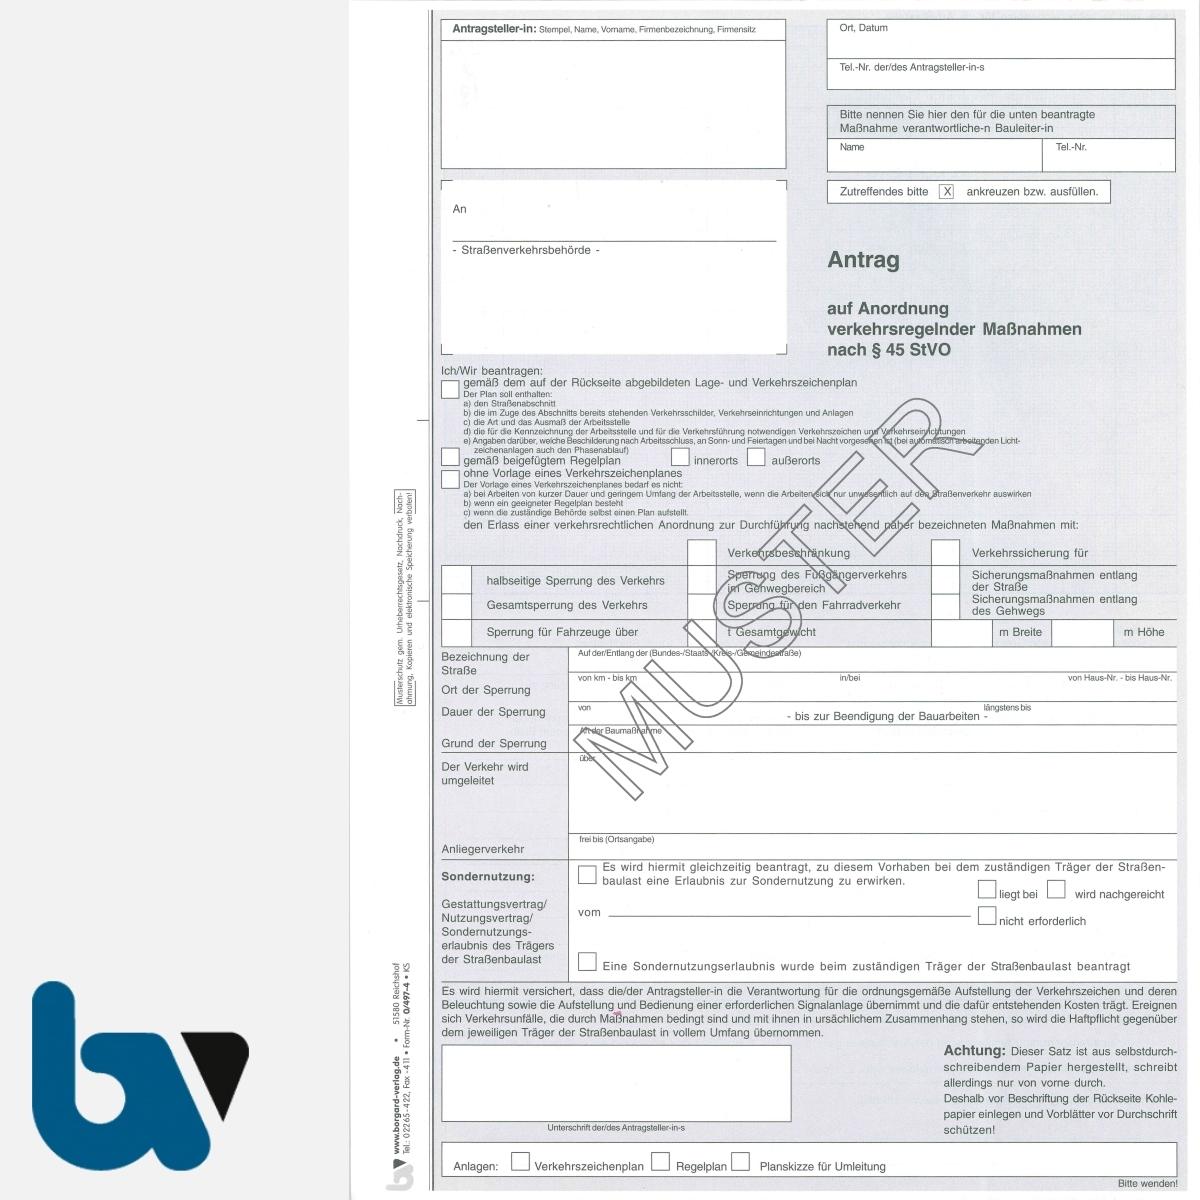 0/497-4 Antrag Anordnung verkehrsregelnde Maßnahmen 45 Strassenverkehrsordnung StVO selbstdurchschreibend DIN A4 3-fach VS | Borgard Verlag GmbH